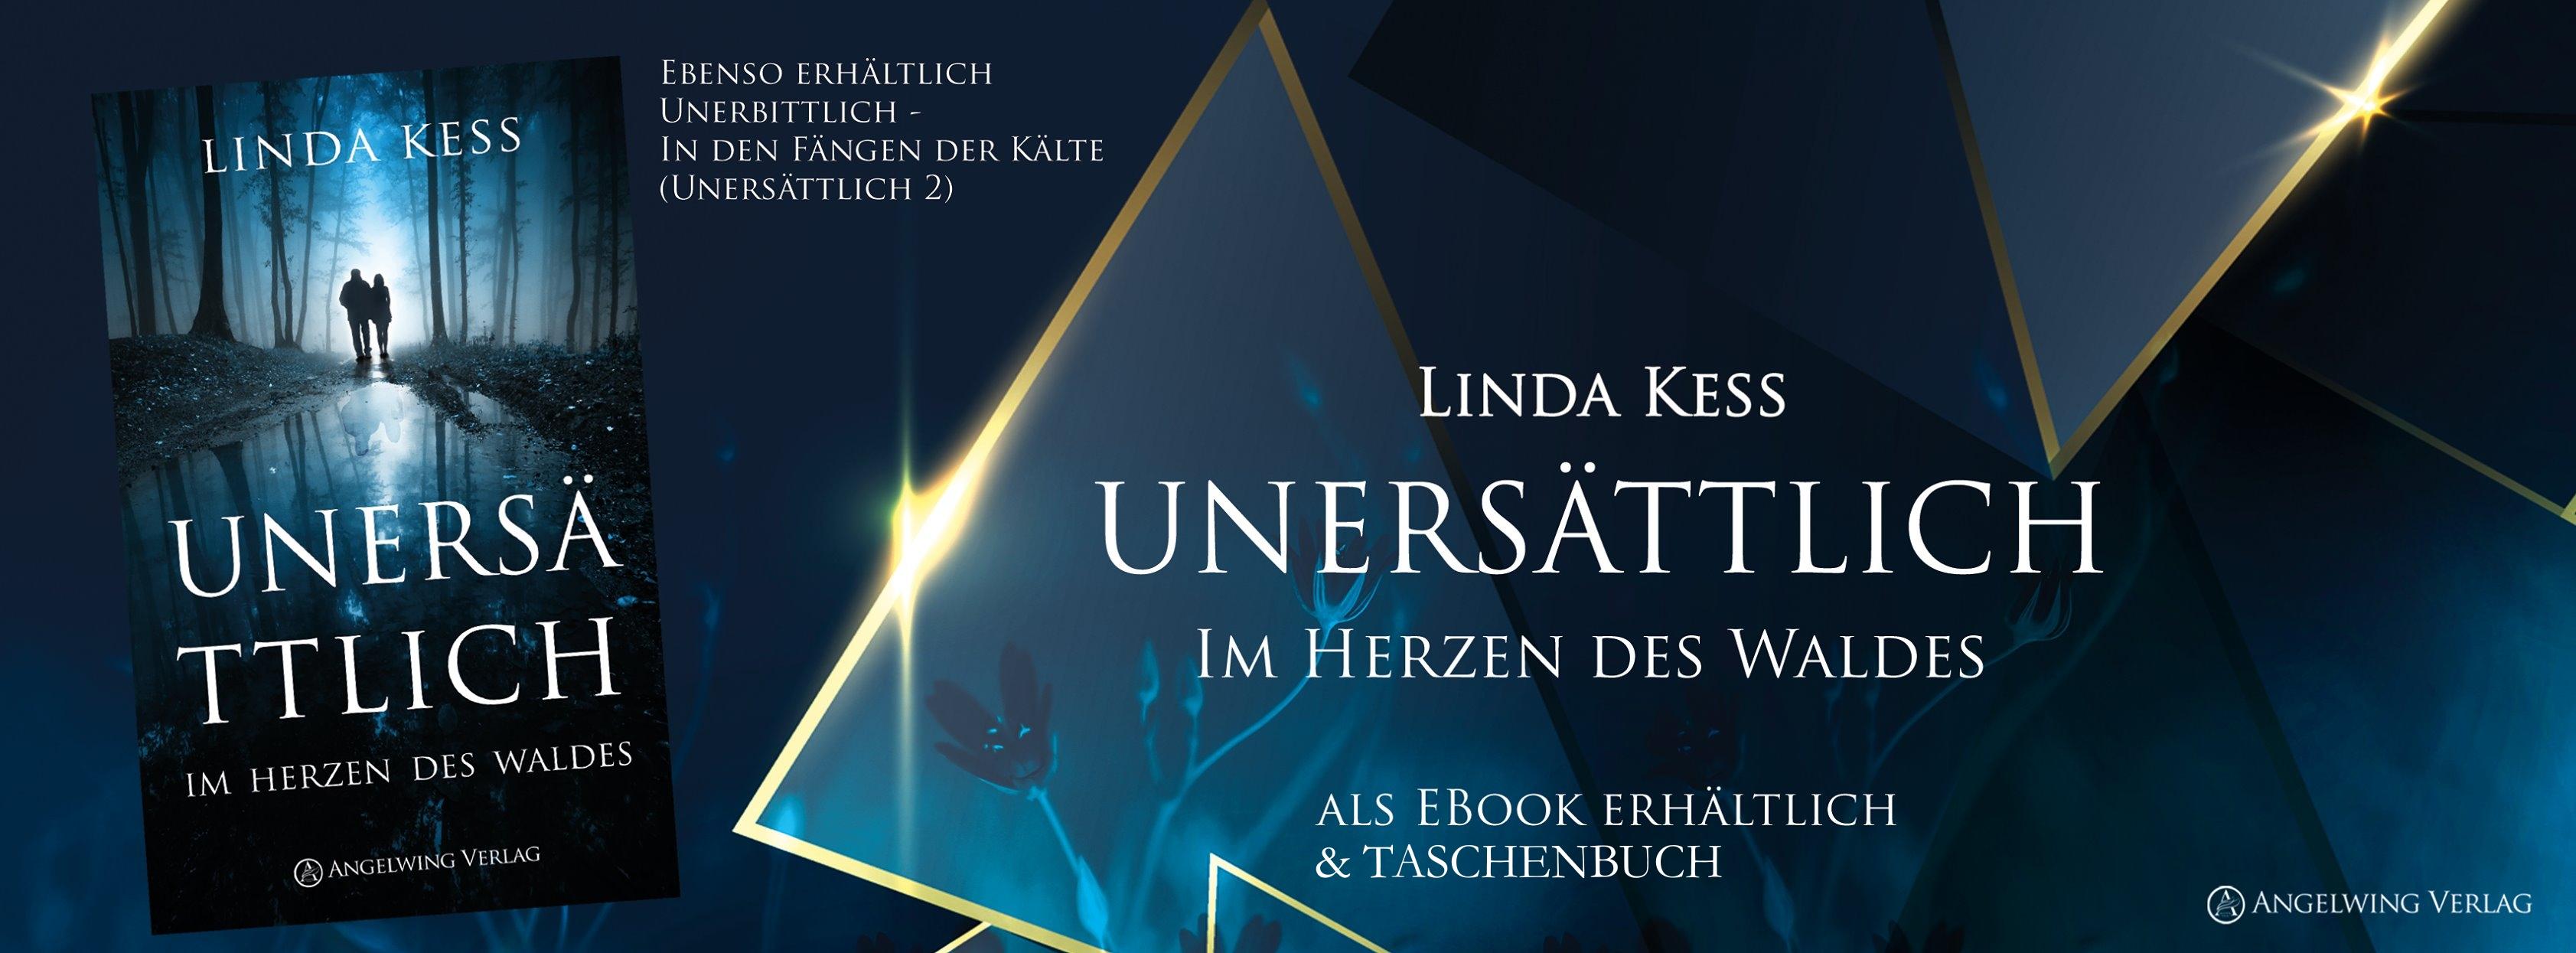 Linda Kess Website // Unersättlich - Im Herzen des Waldes // Willkommen